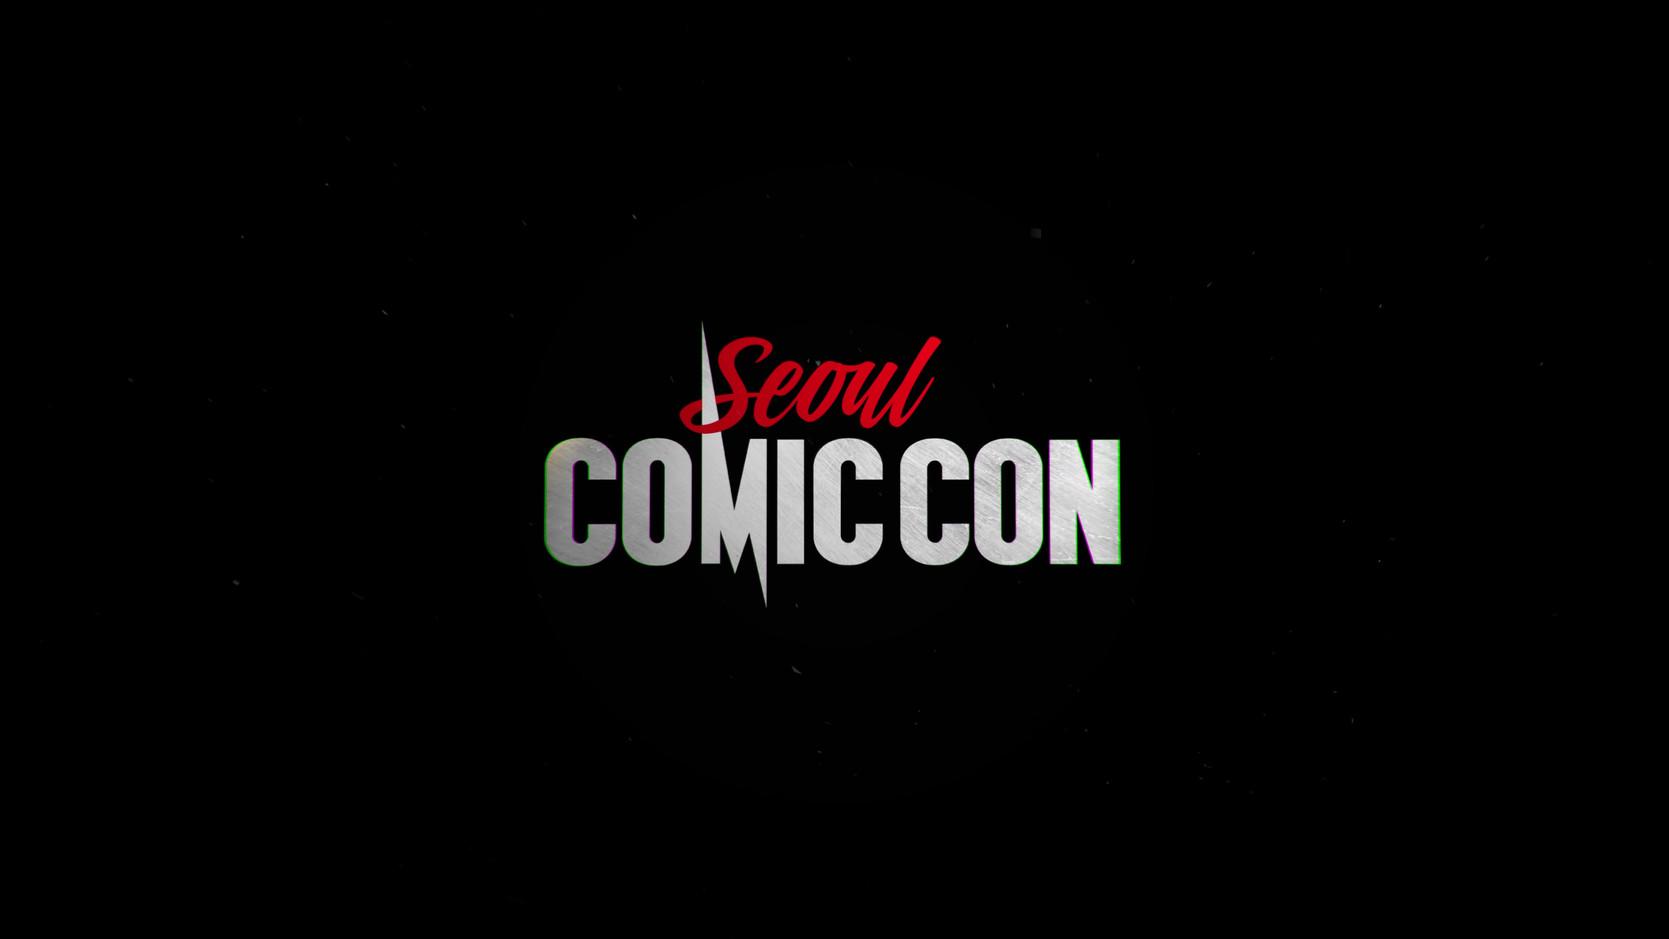 2019 COMIC CON SEOUL